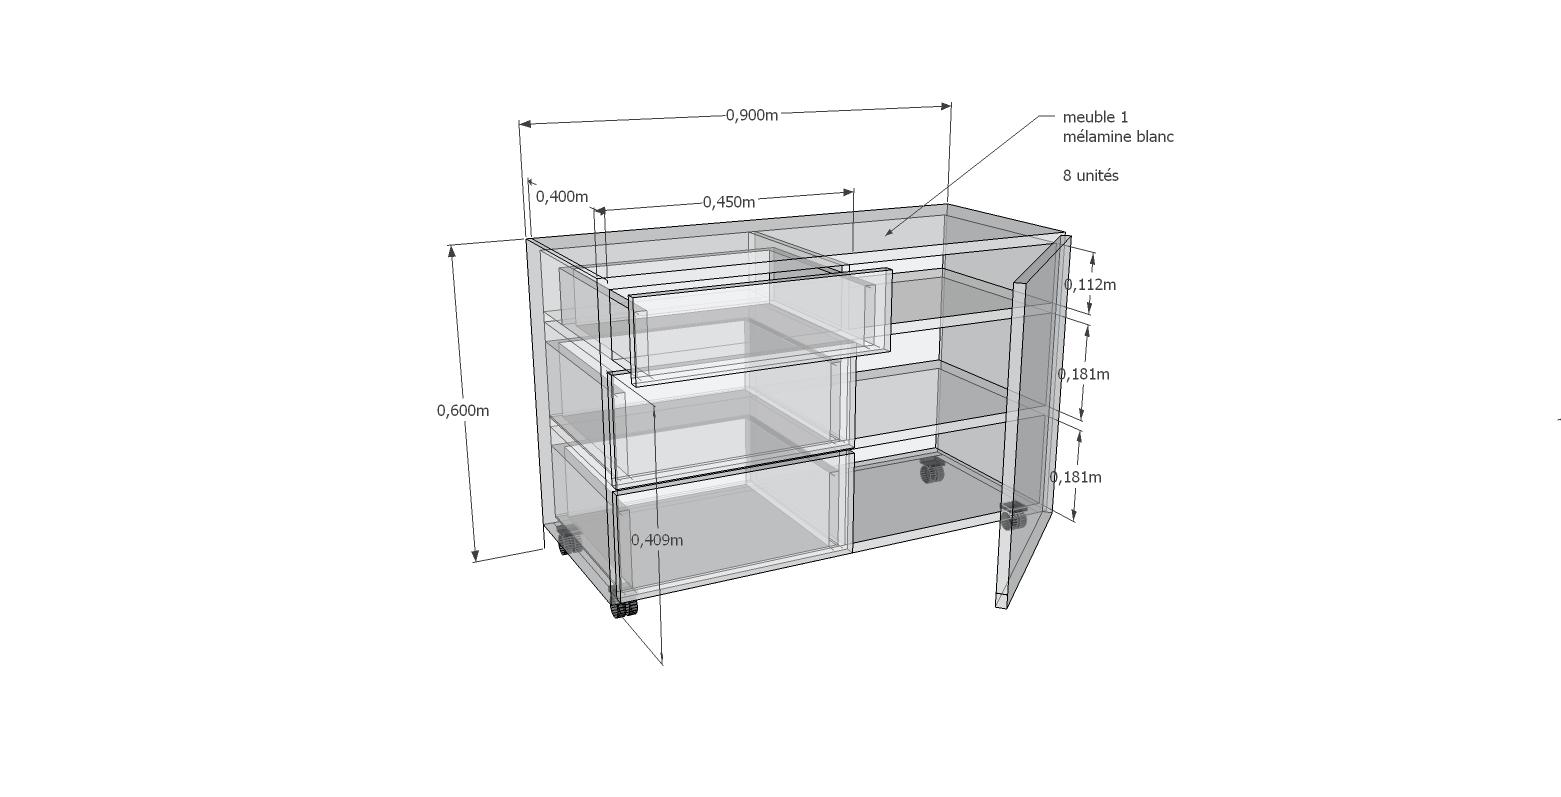 meuble 1.jpg